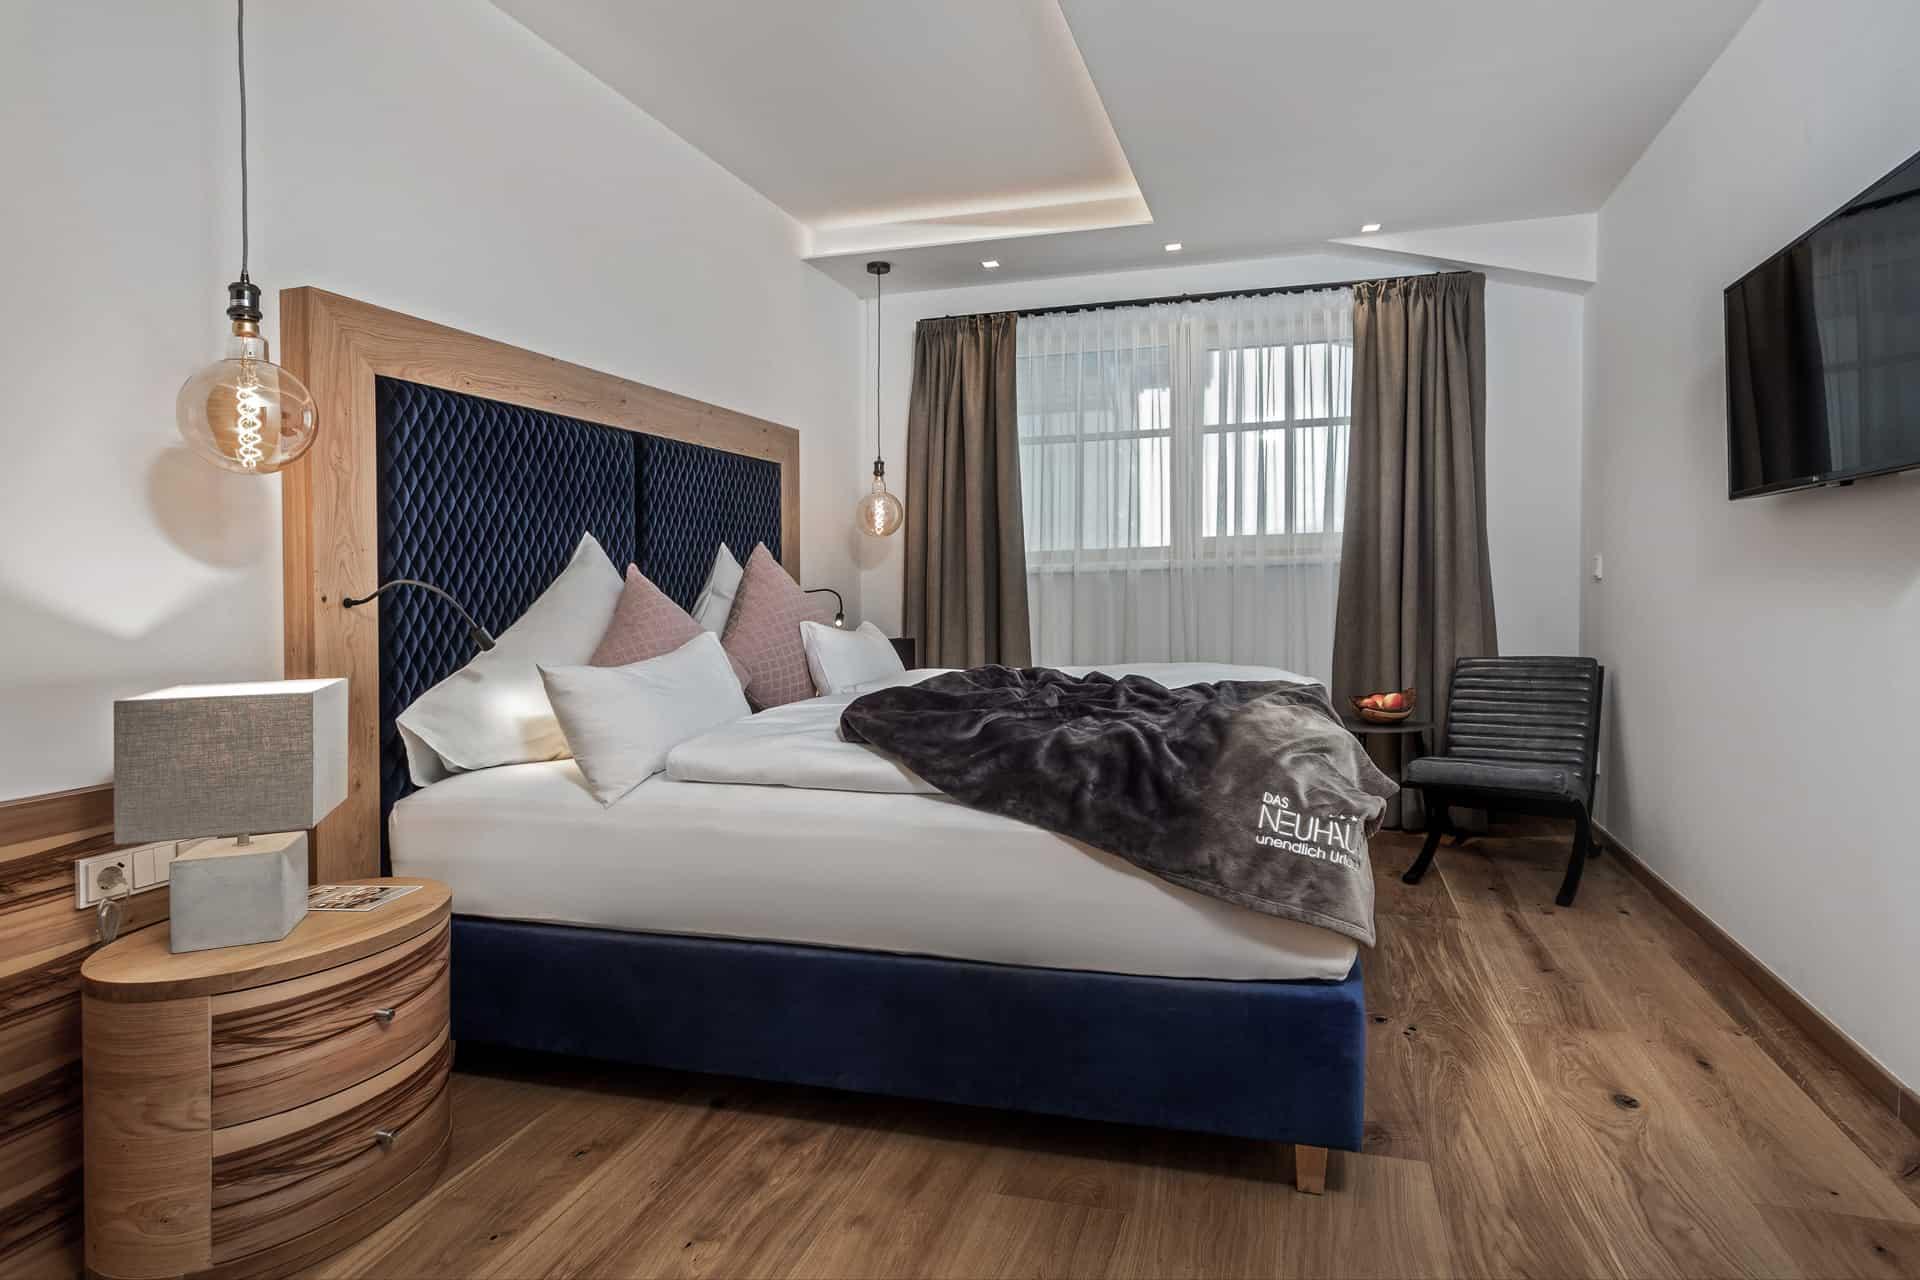 hotel-neuhaus-9